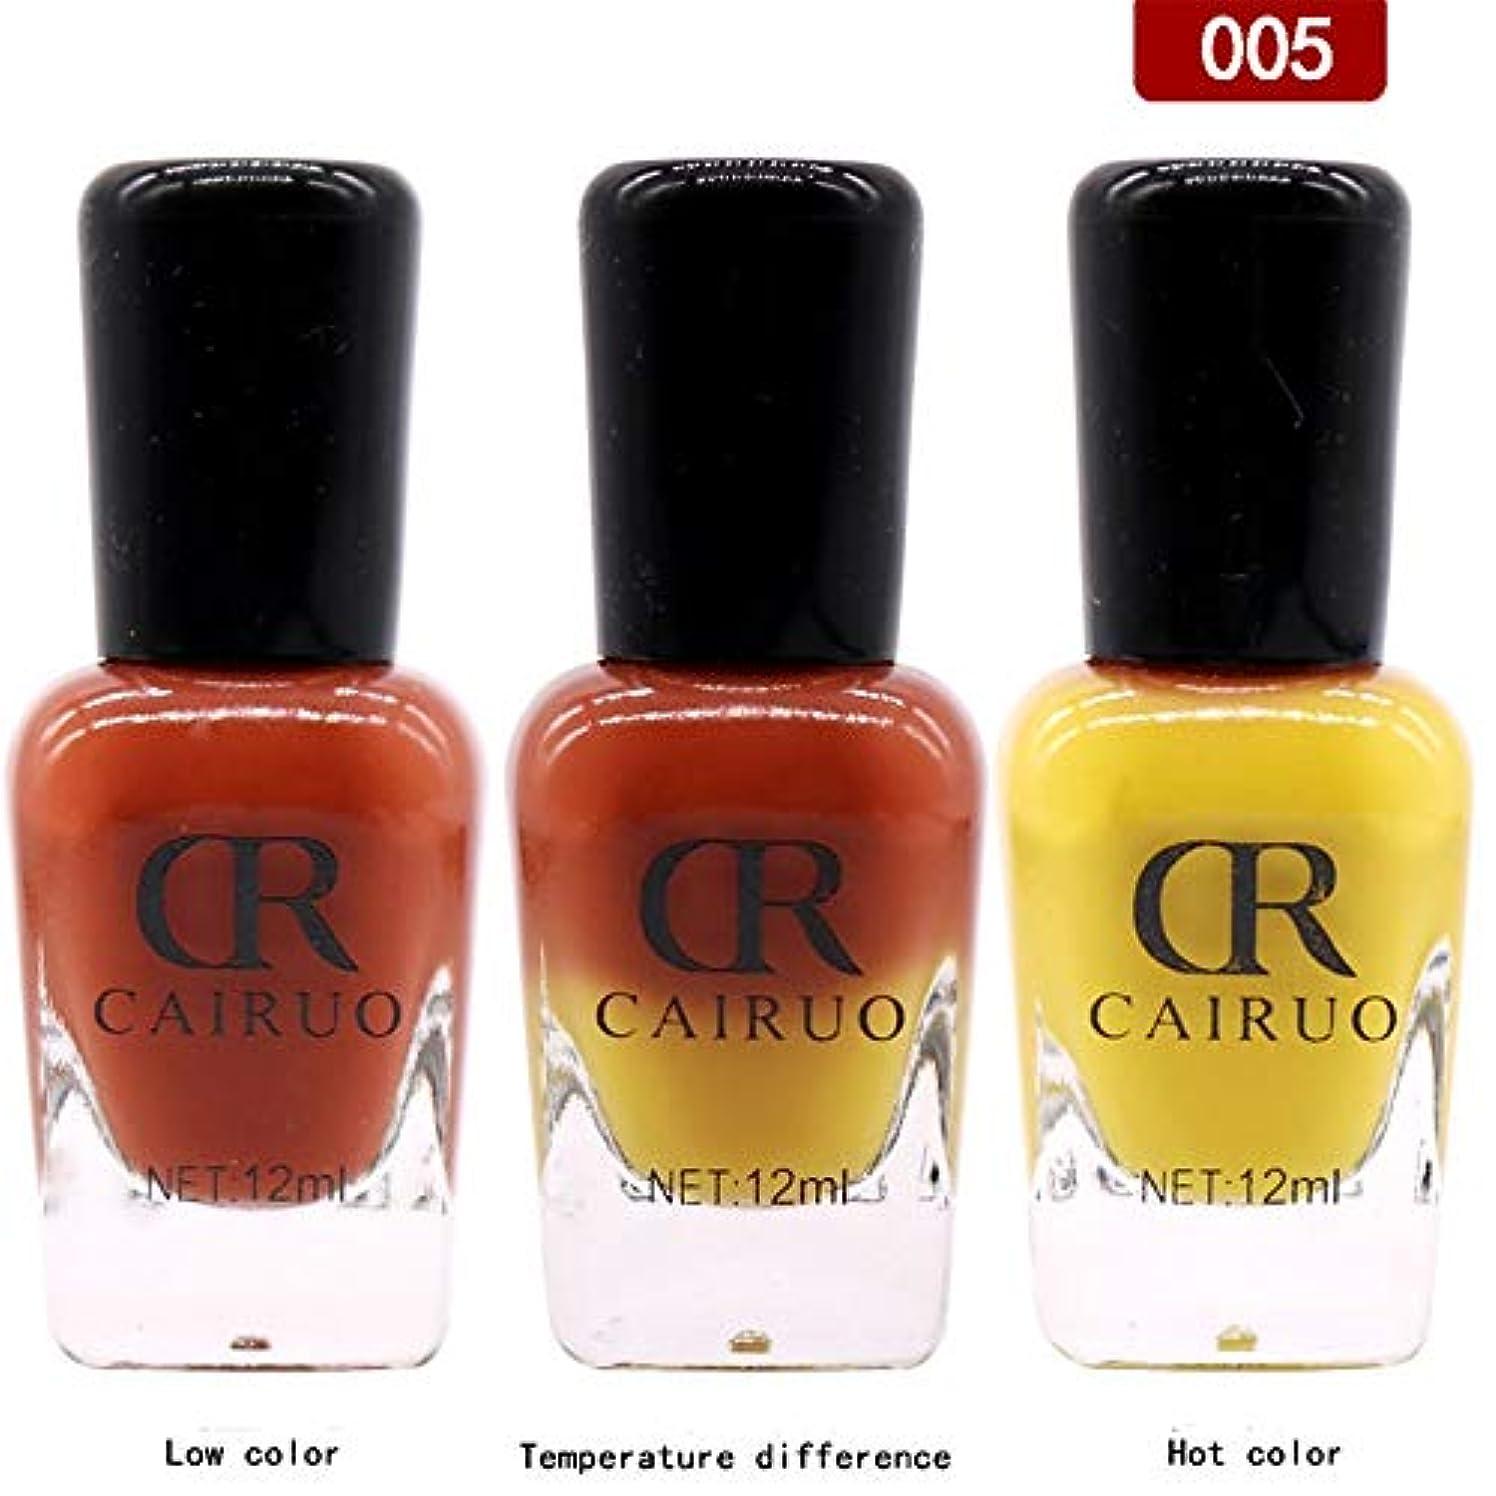 単調なガジュマル膜カラージェル 温度により色が変化 カメレオンジェルネイル 剥離可能 ネイルアート 12ml/本 (005)